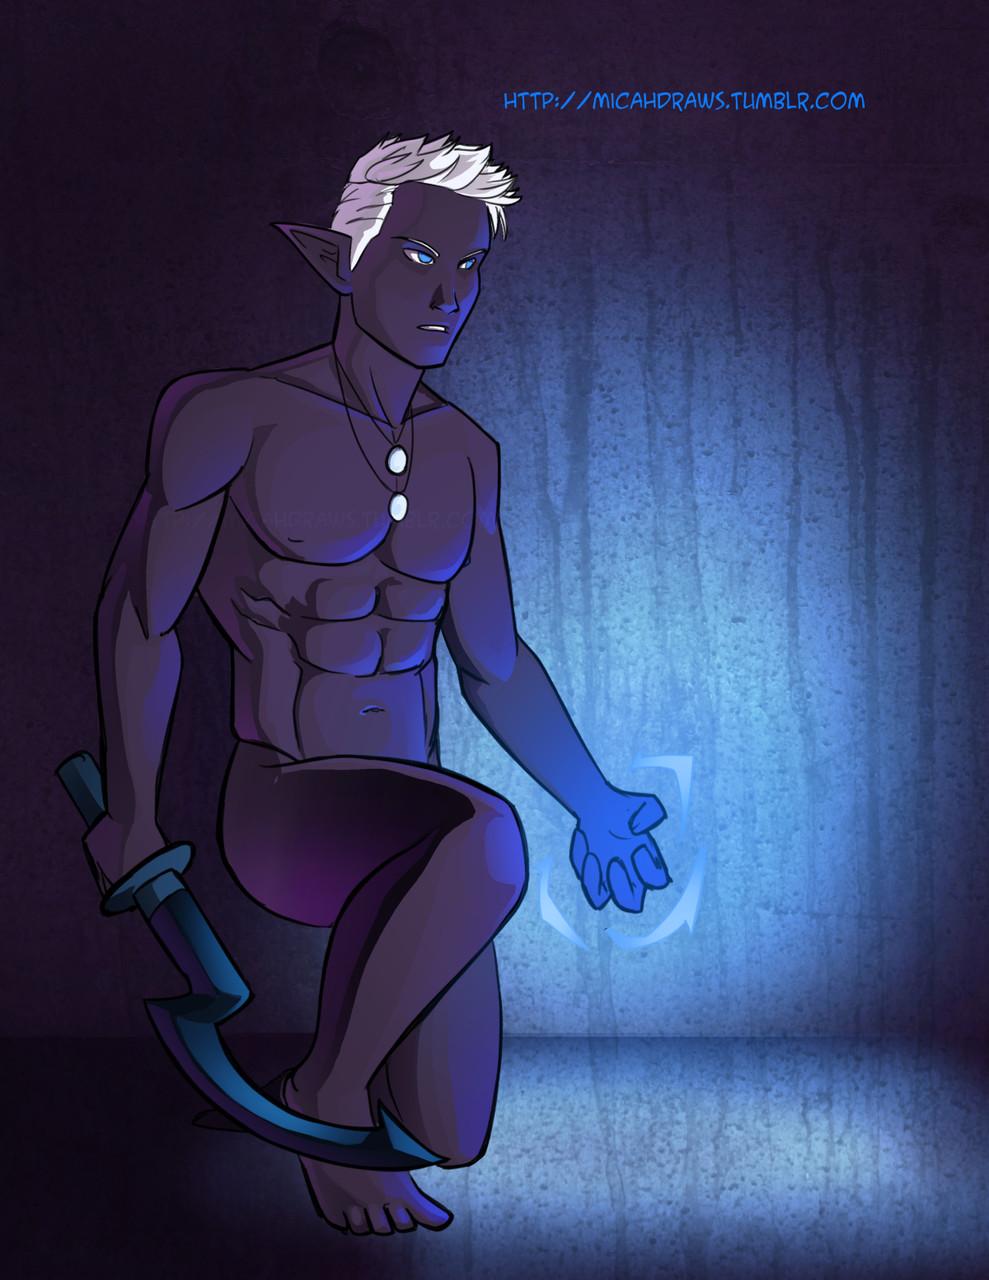 Micahdraws Sexy Dark Elf Istnar From My Upcoming Fantasy Que